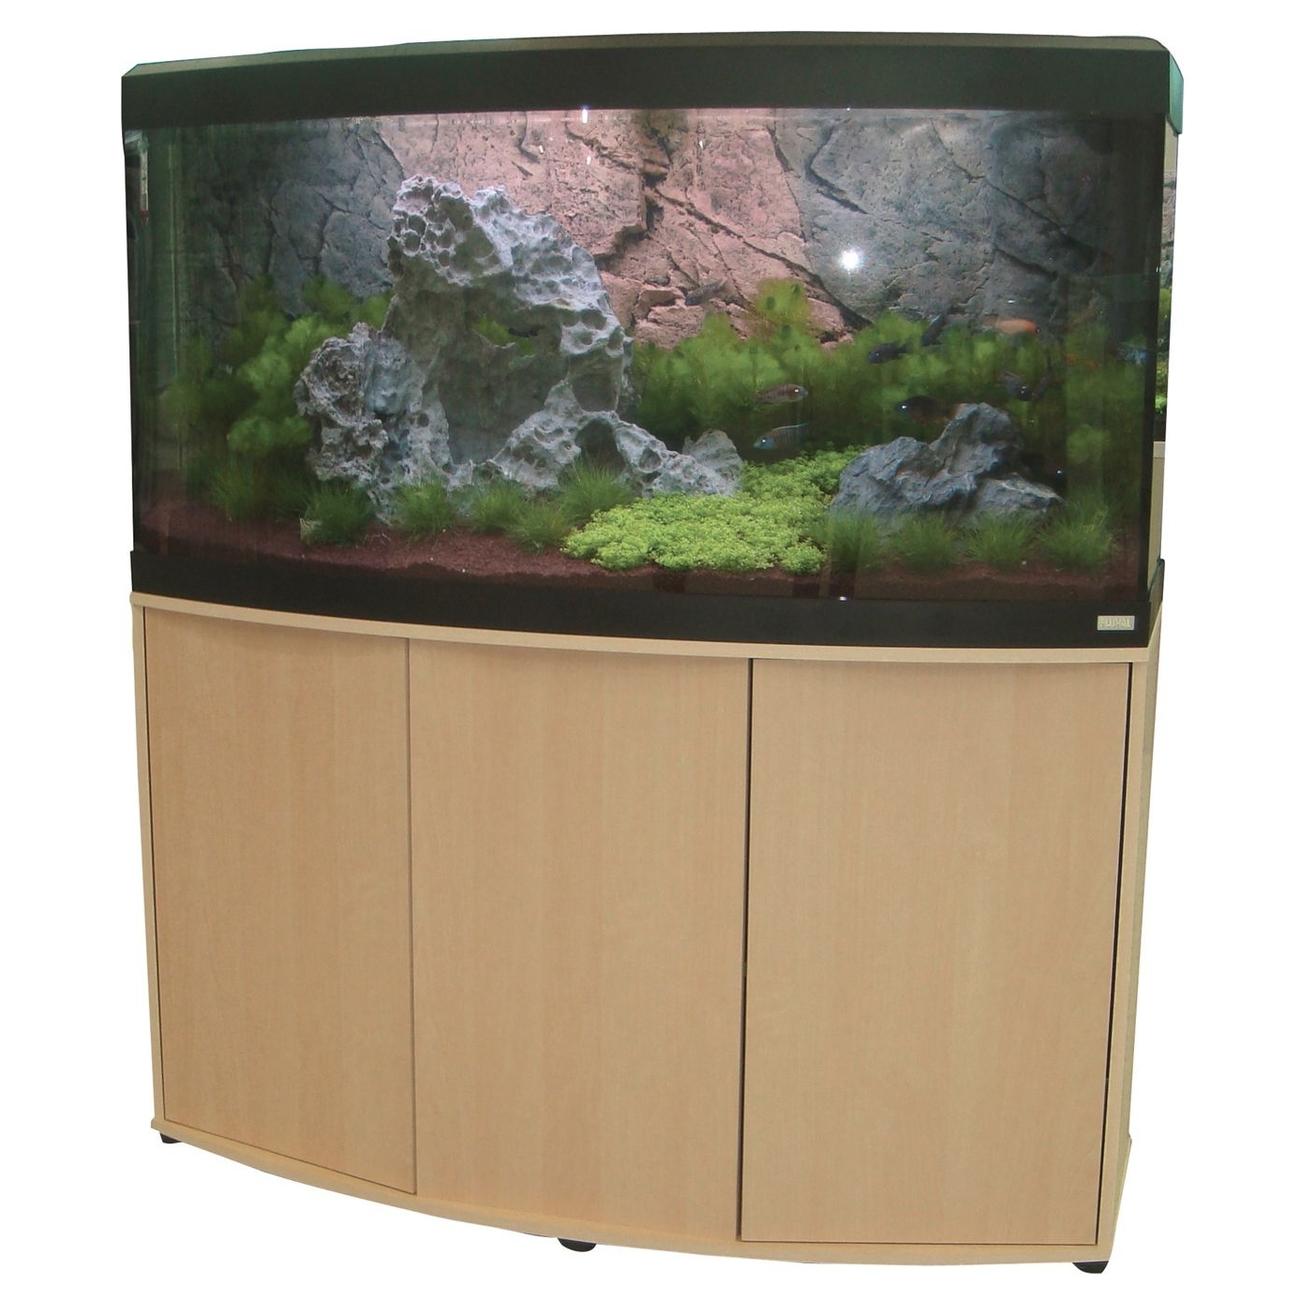 Fluval Süßwasser Aquarium mit Schrank Vicenza, Bild 20